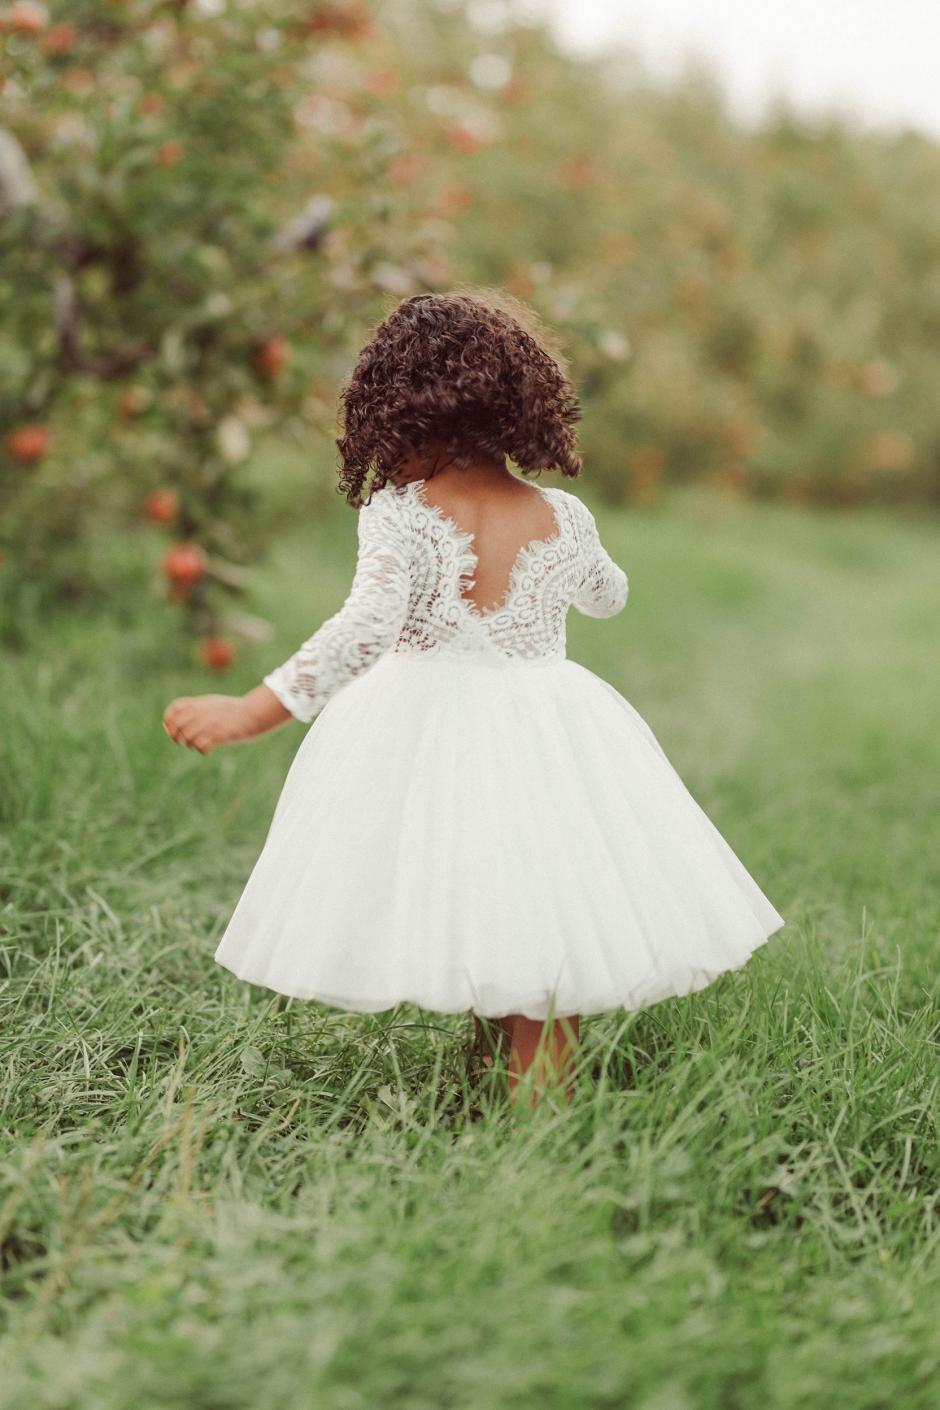 Girls Giselle White Lace Back Flower Girl Dress